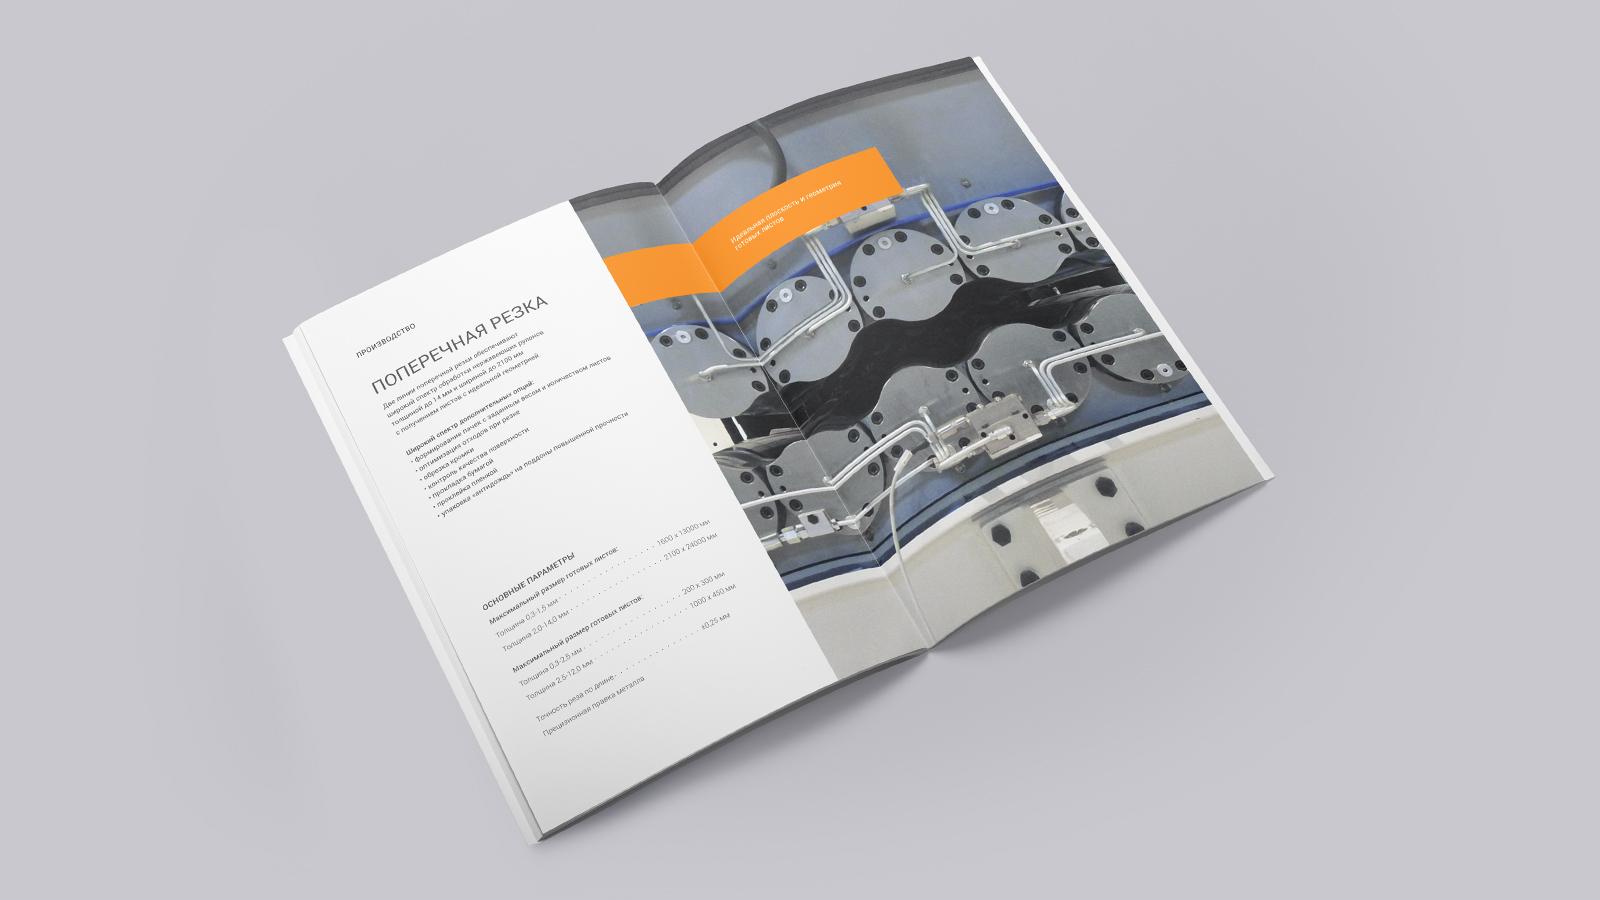 Дизайн каталога продукции и имиджевой полиграфии компании «Глобус-Сталь», крупнейшего российского производителя нержавеющей стали